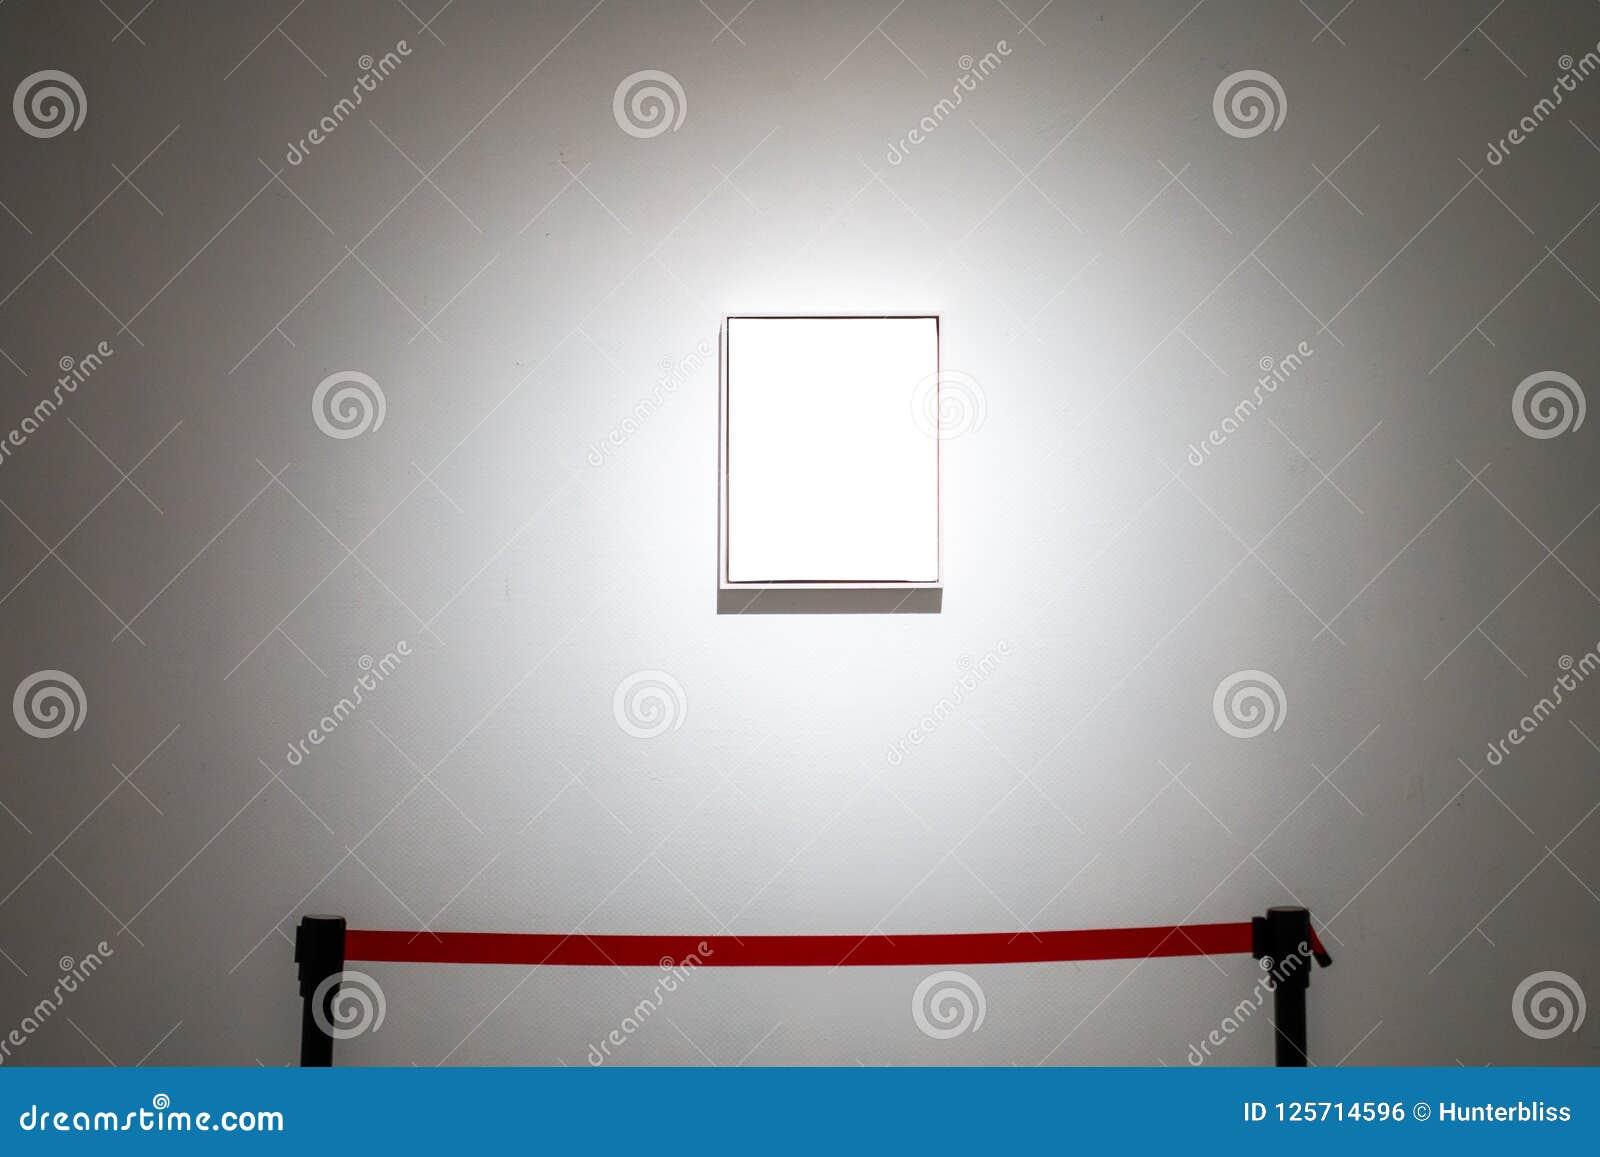 La trayectoria de recortes blanca de la exposición de Art Gallery Museum Blank Frame es